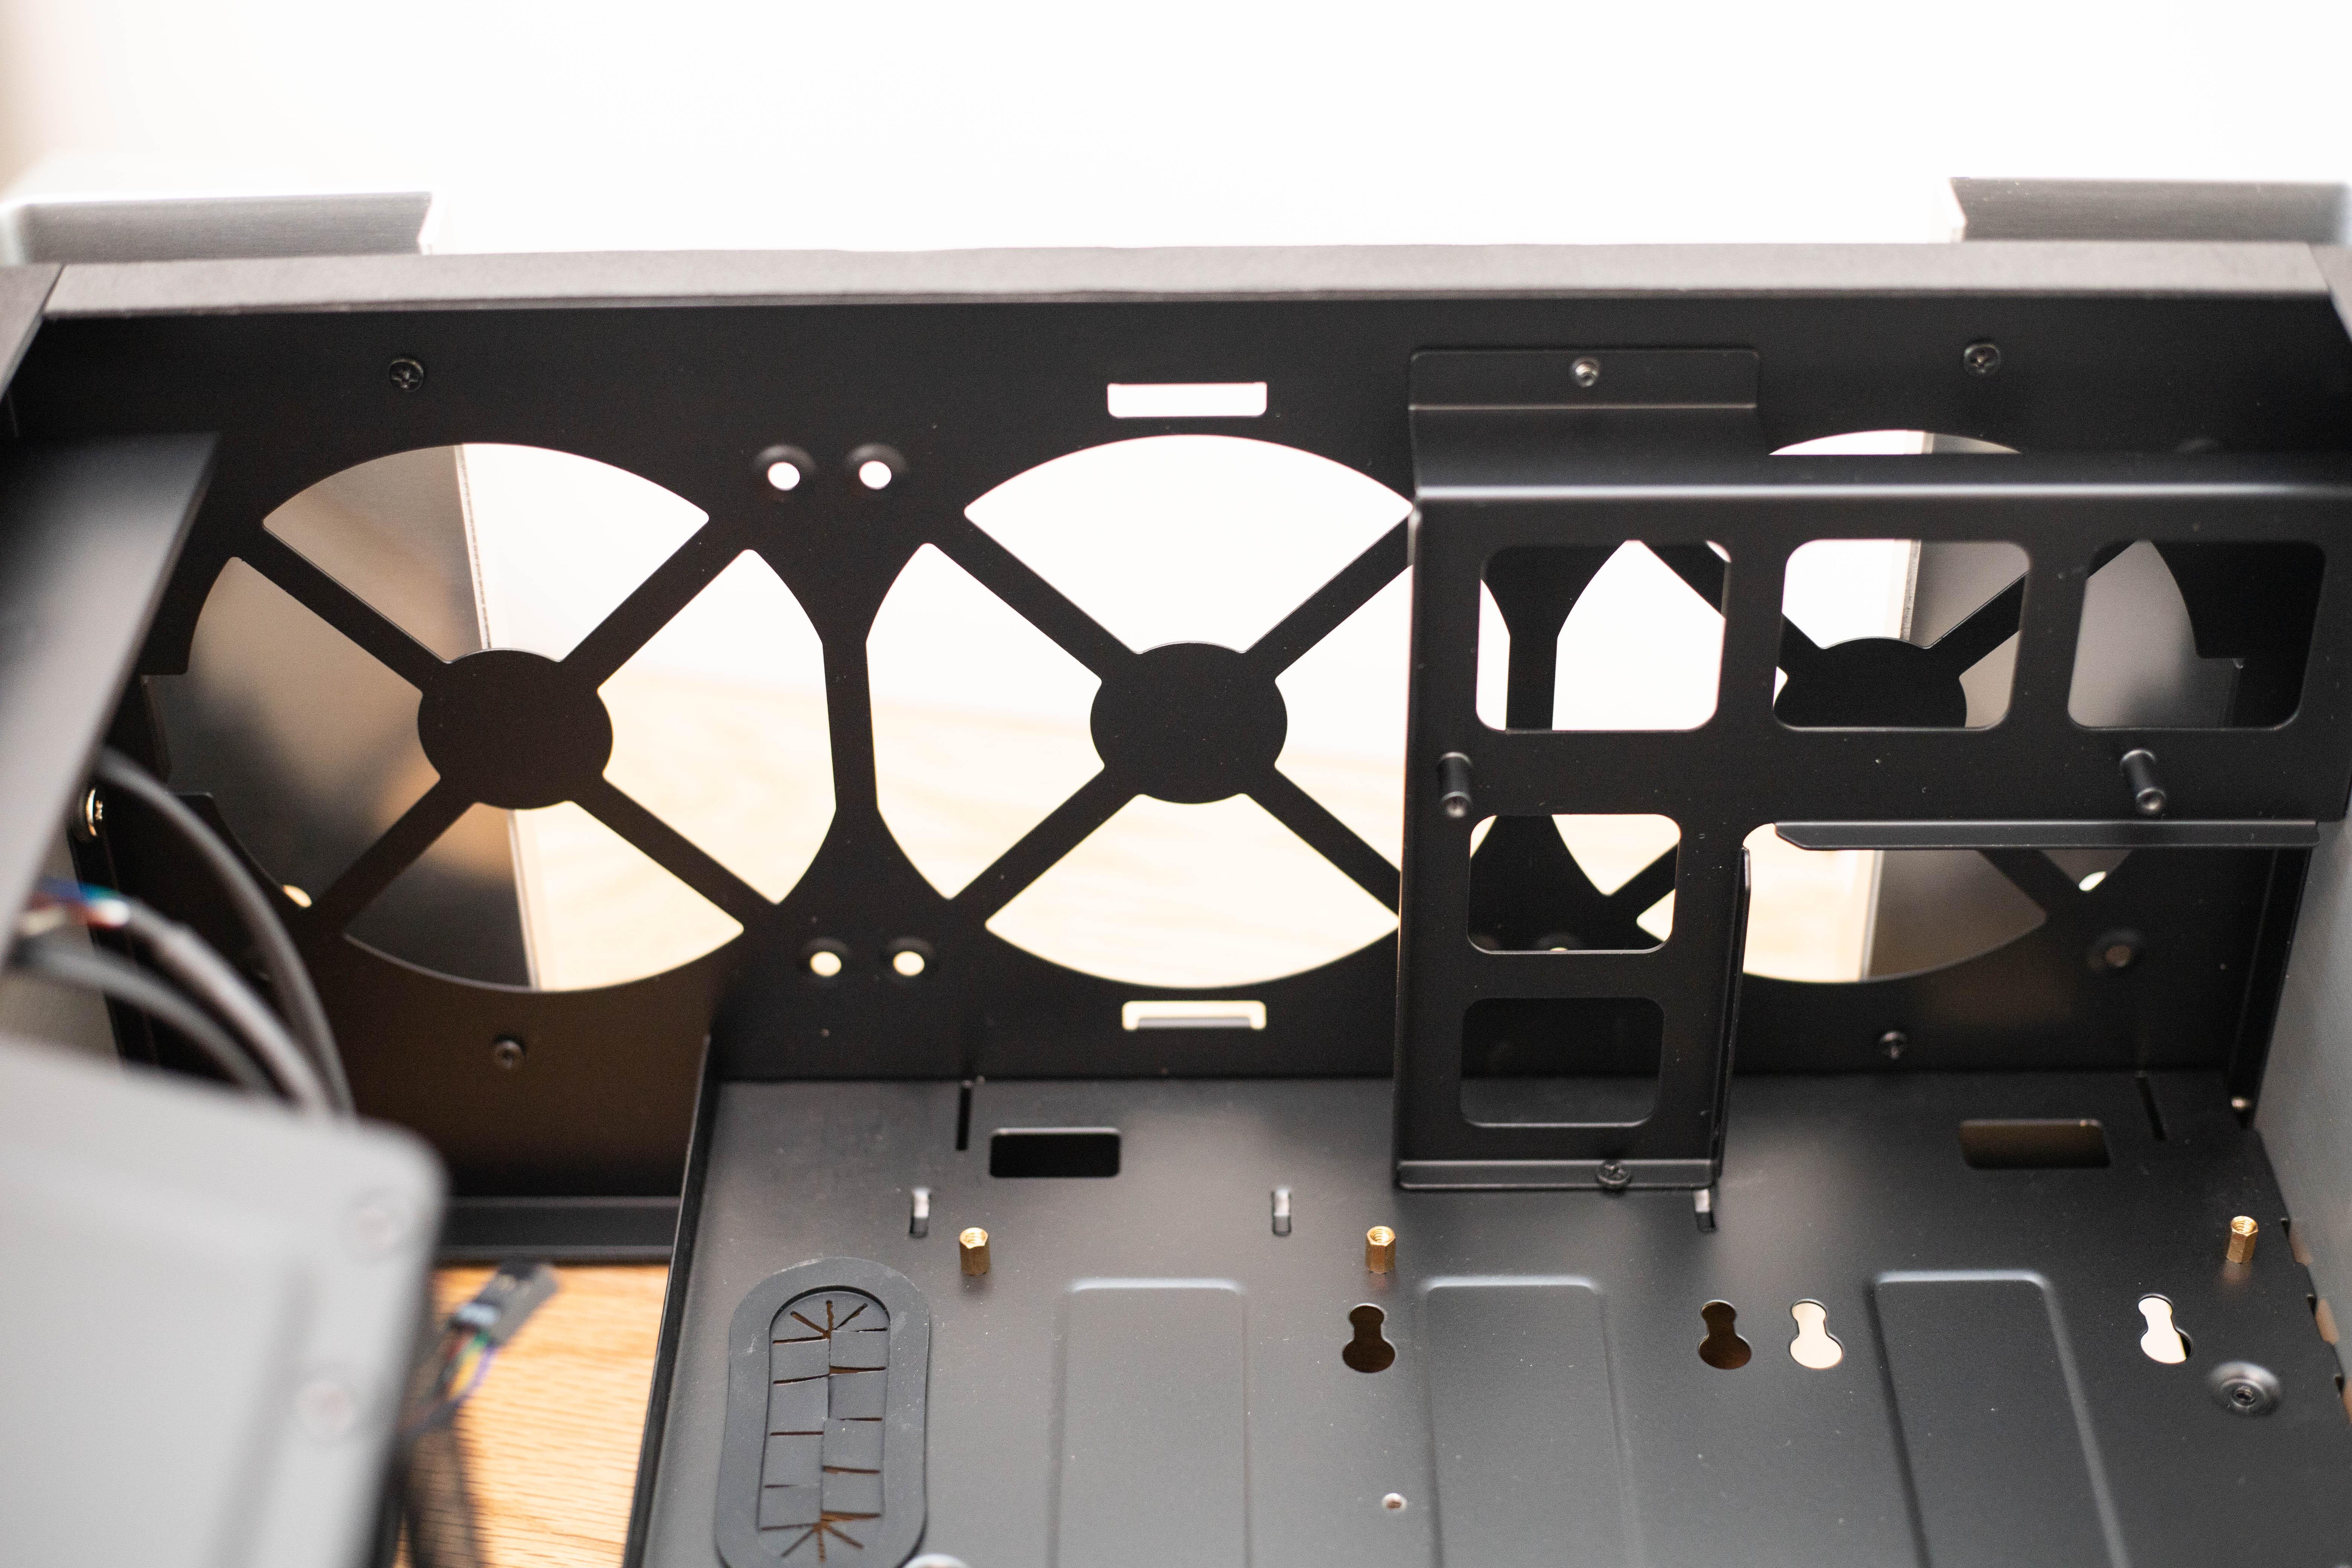 小机身大空间,竖装显卡,垂直风道,乔思伯U5S使用体验